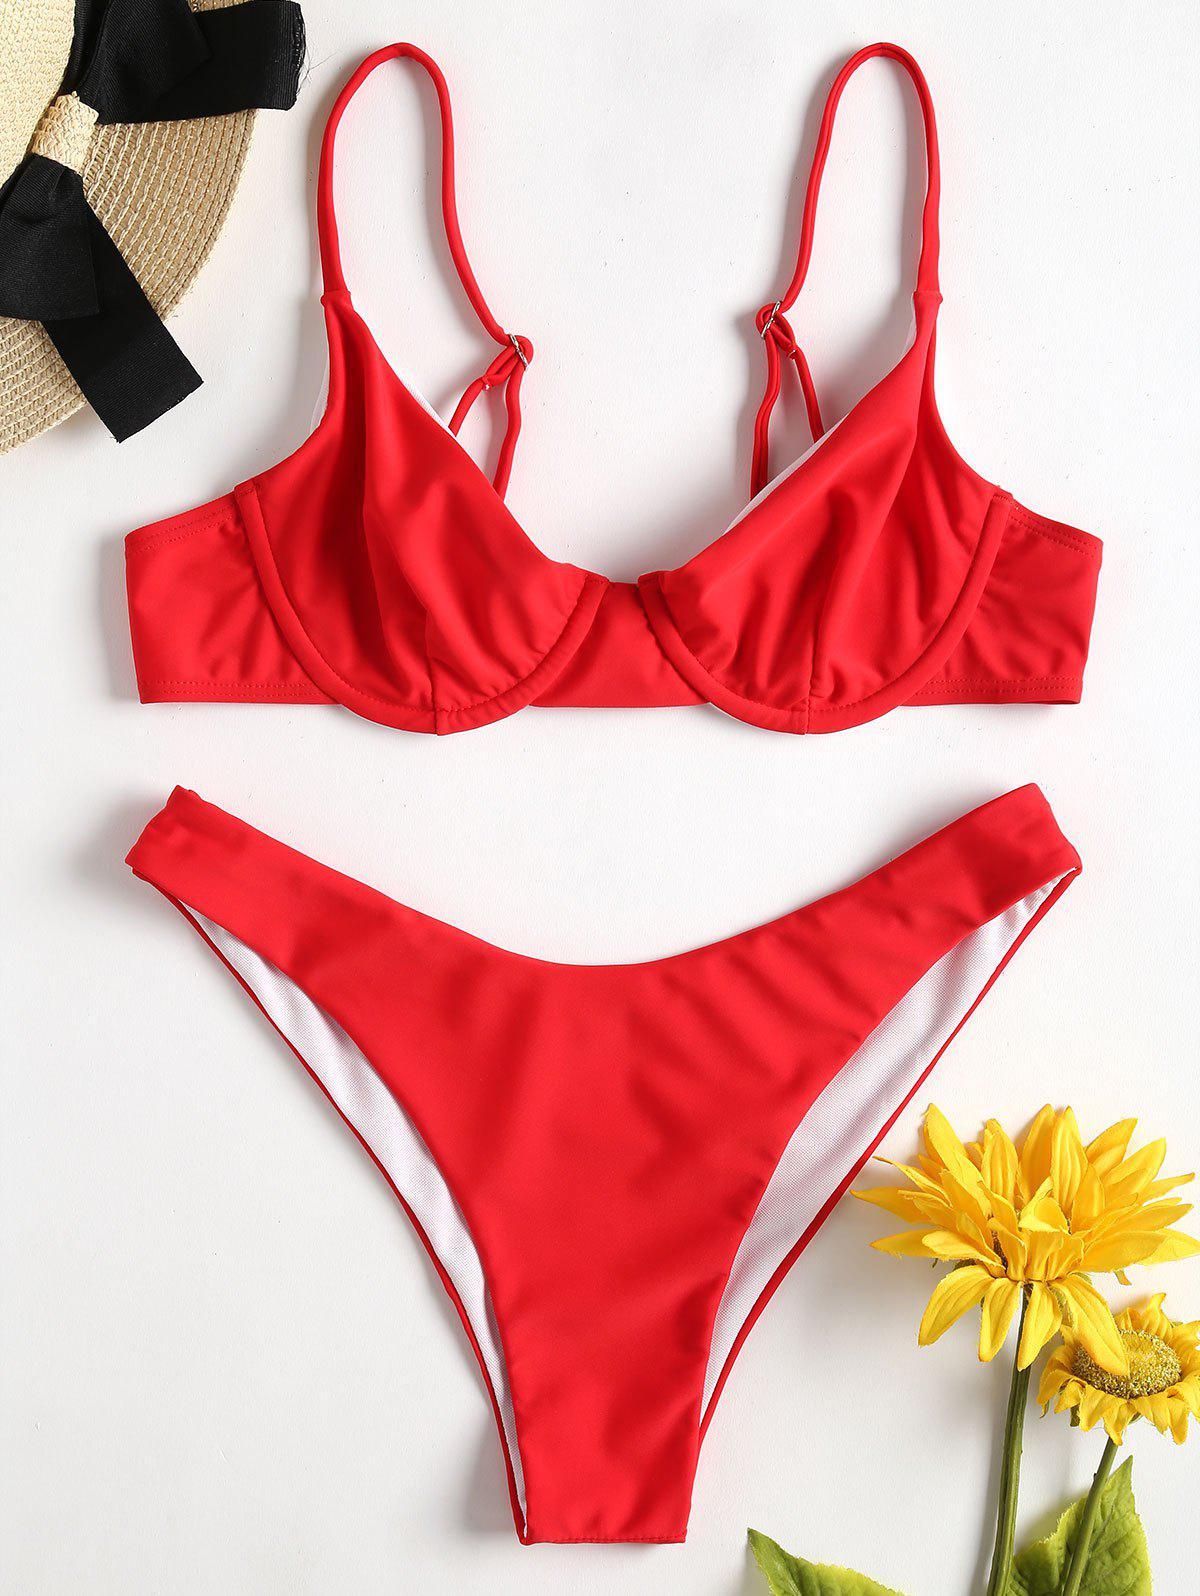 Cami High Cut Bikini